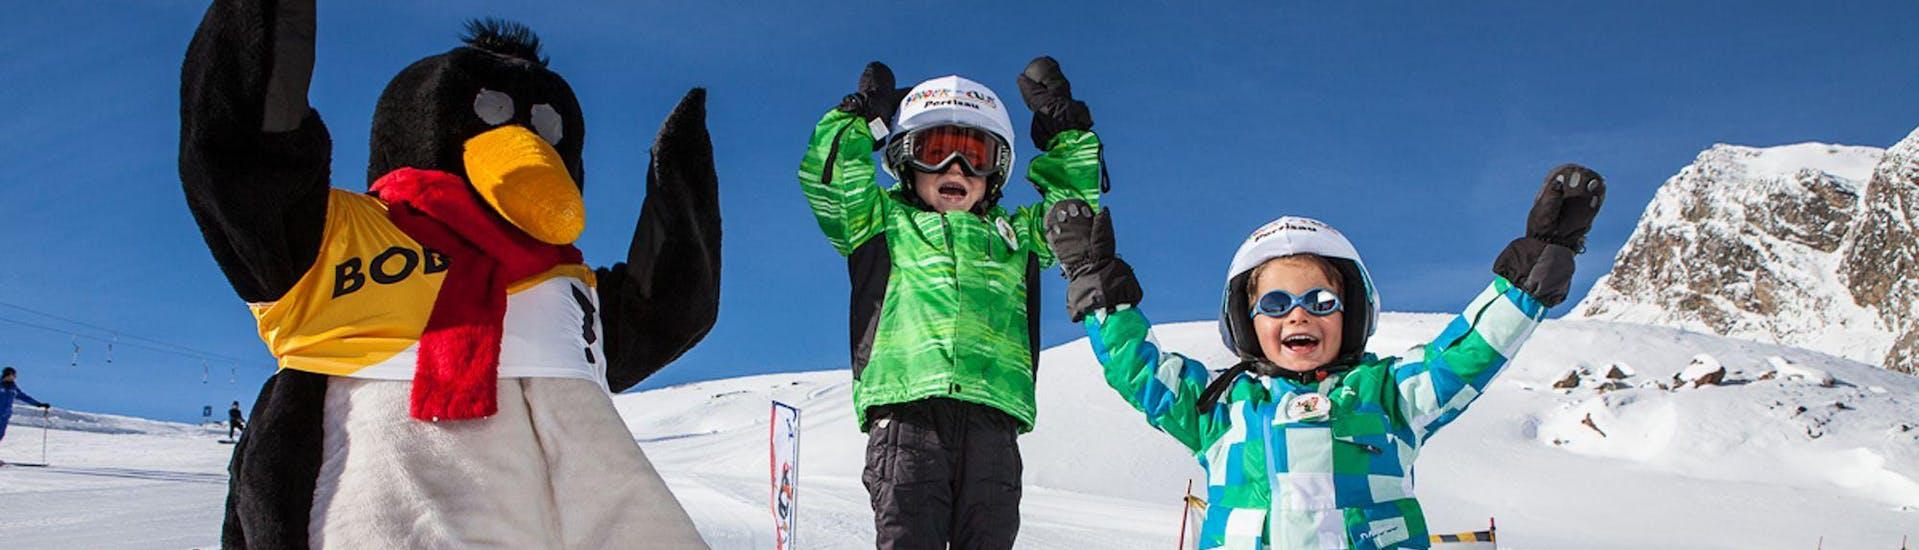 Cours de ski Enfants - Avancé